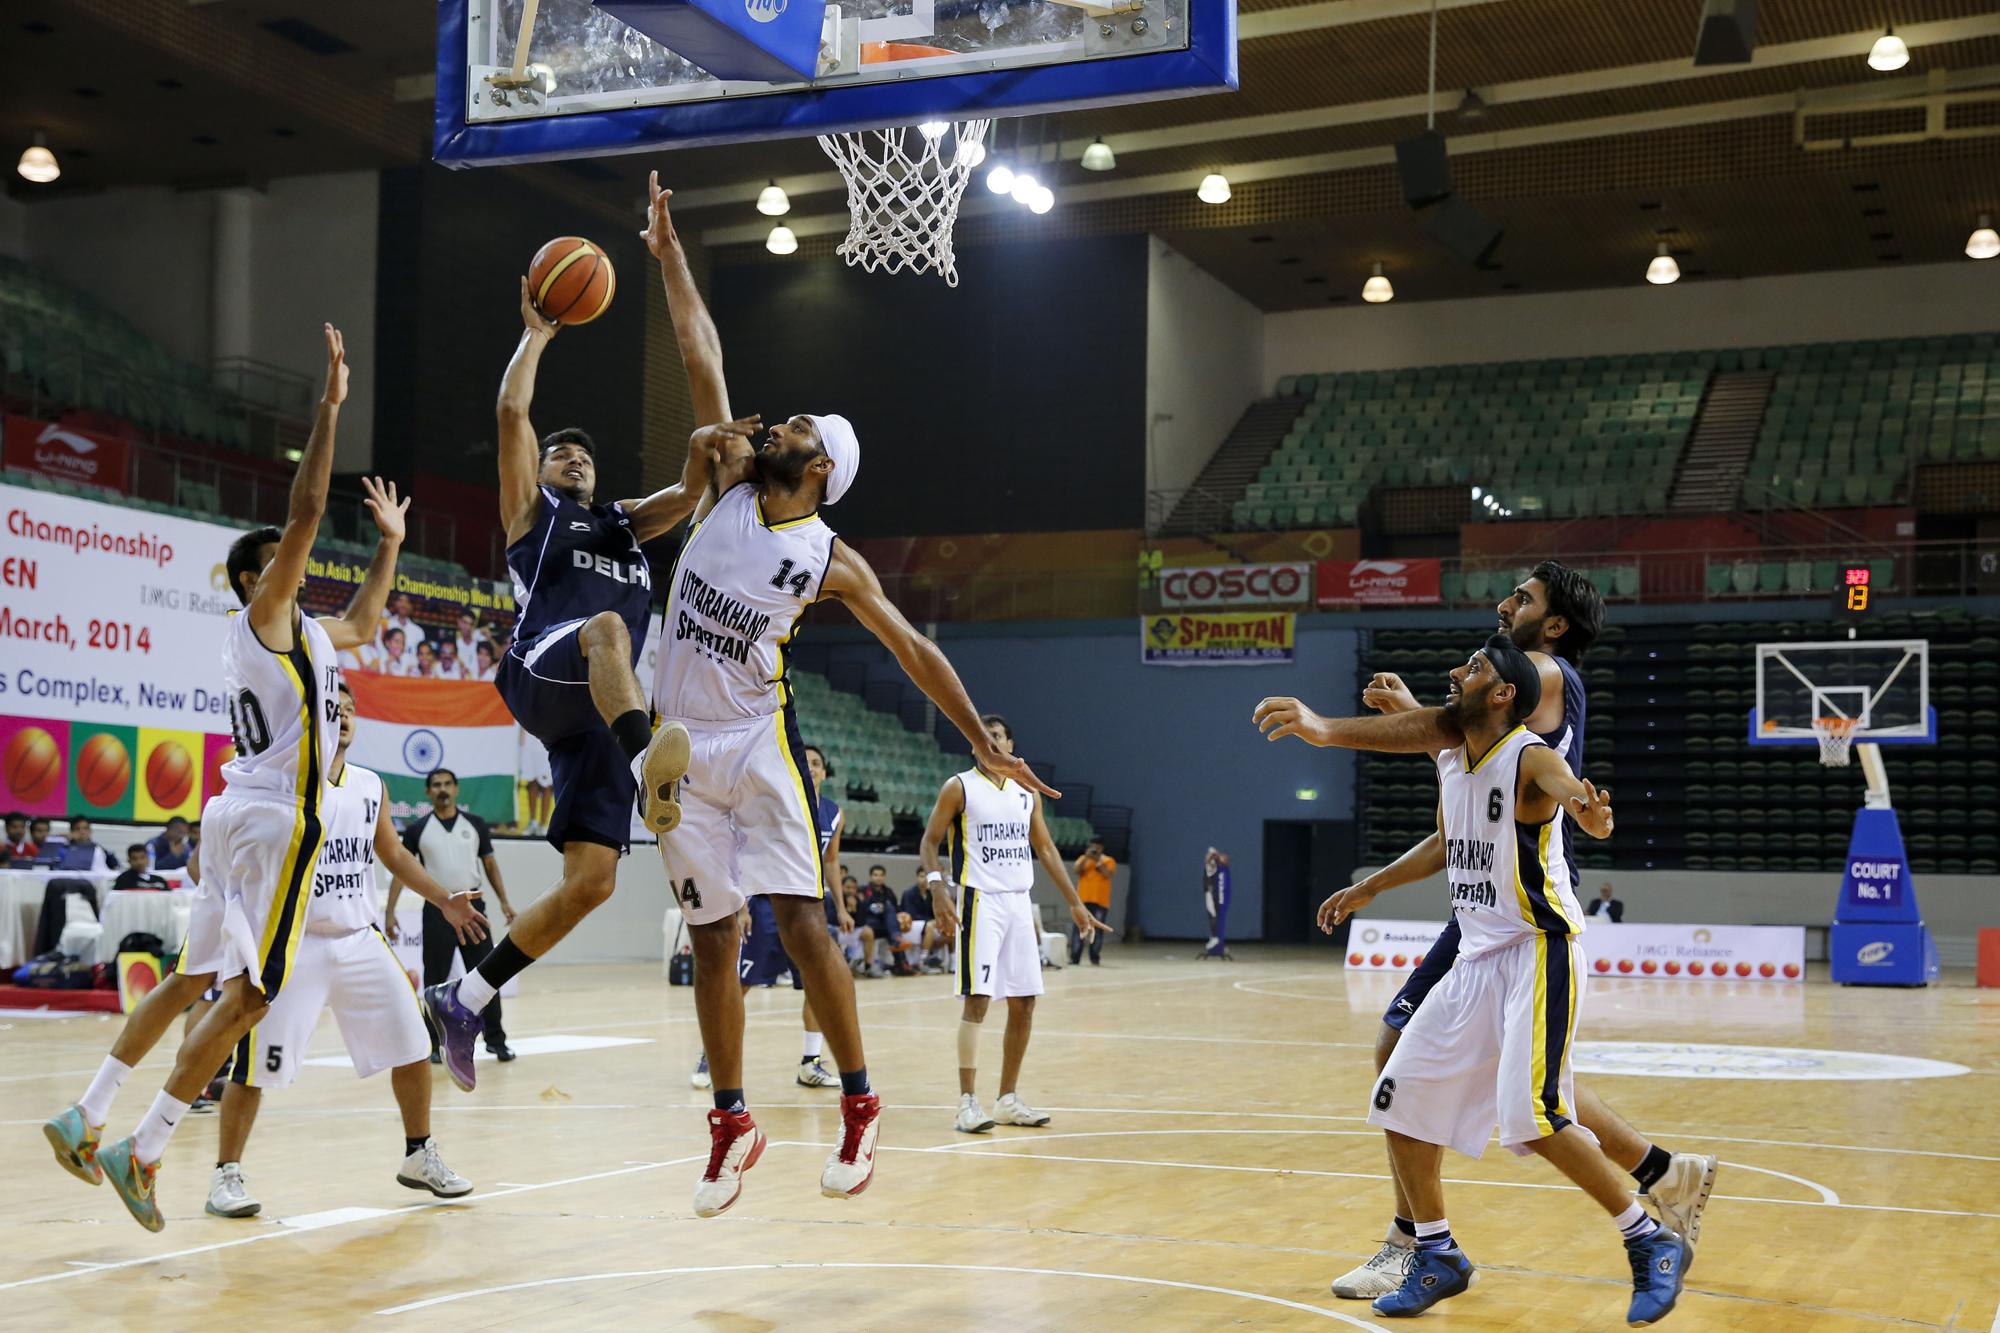 Uttrakhand vs Delhi 64th Senior National Basketball Championship, Delhi, 2014.